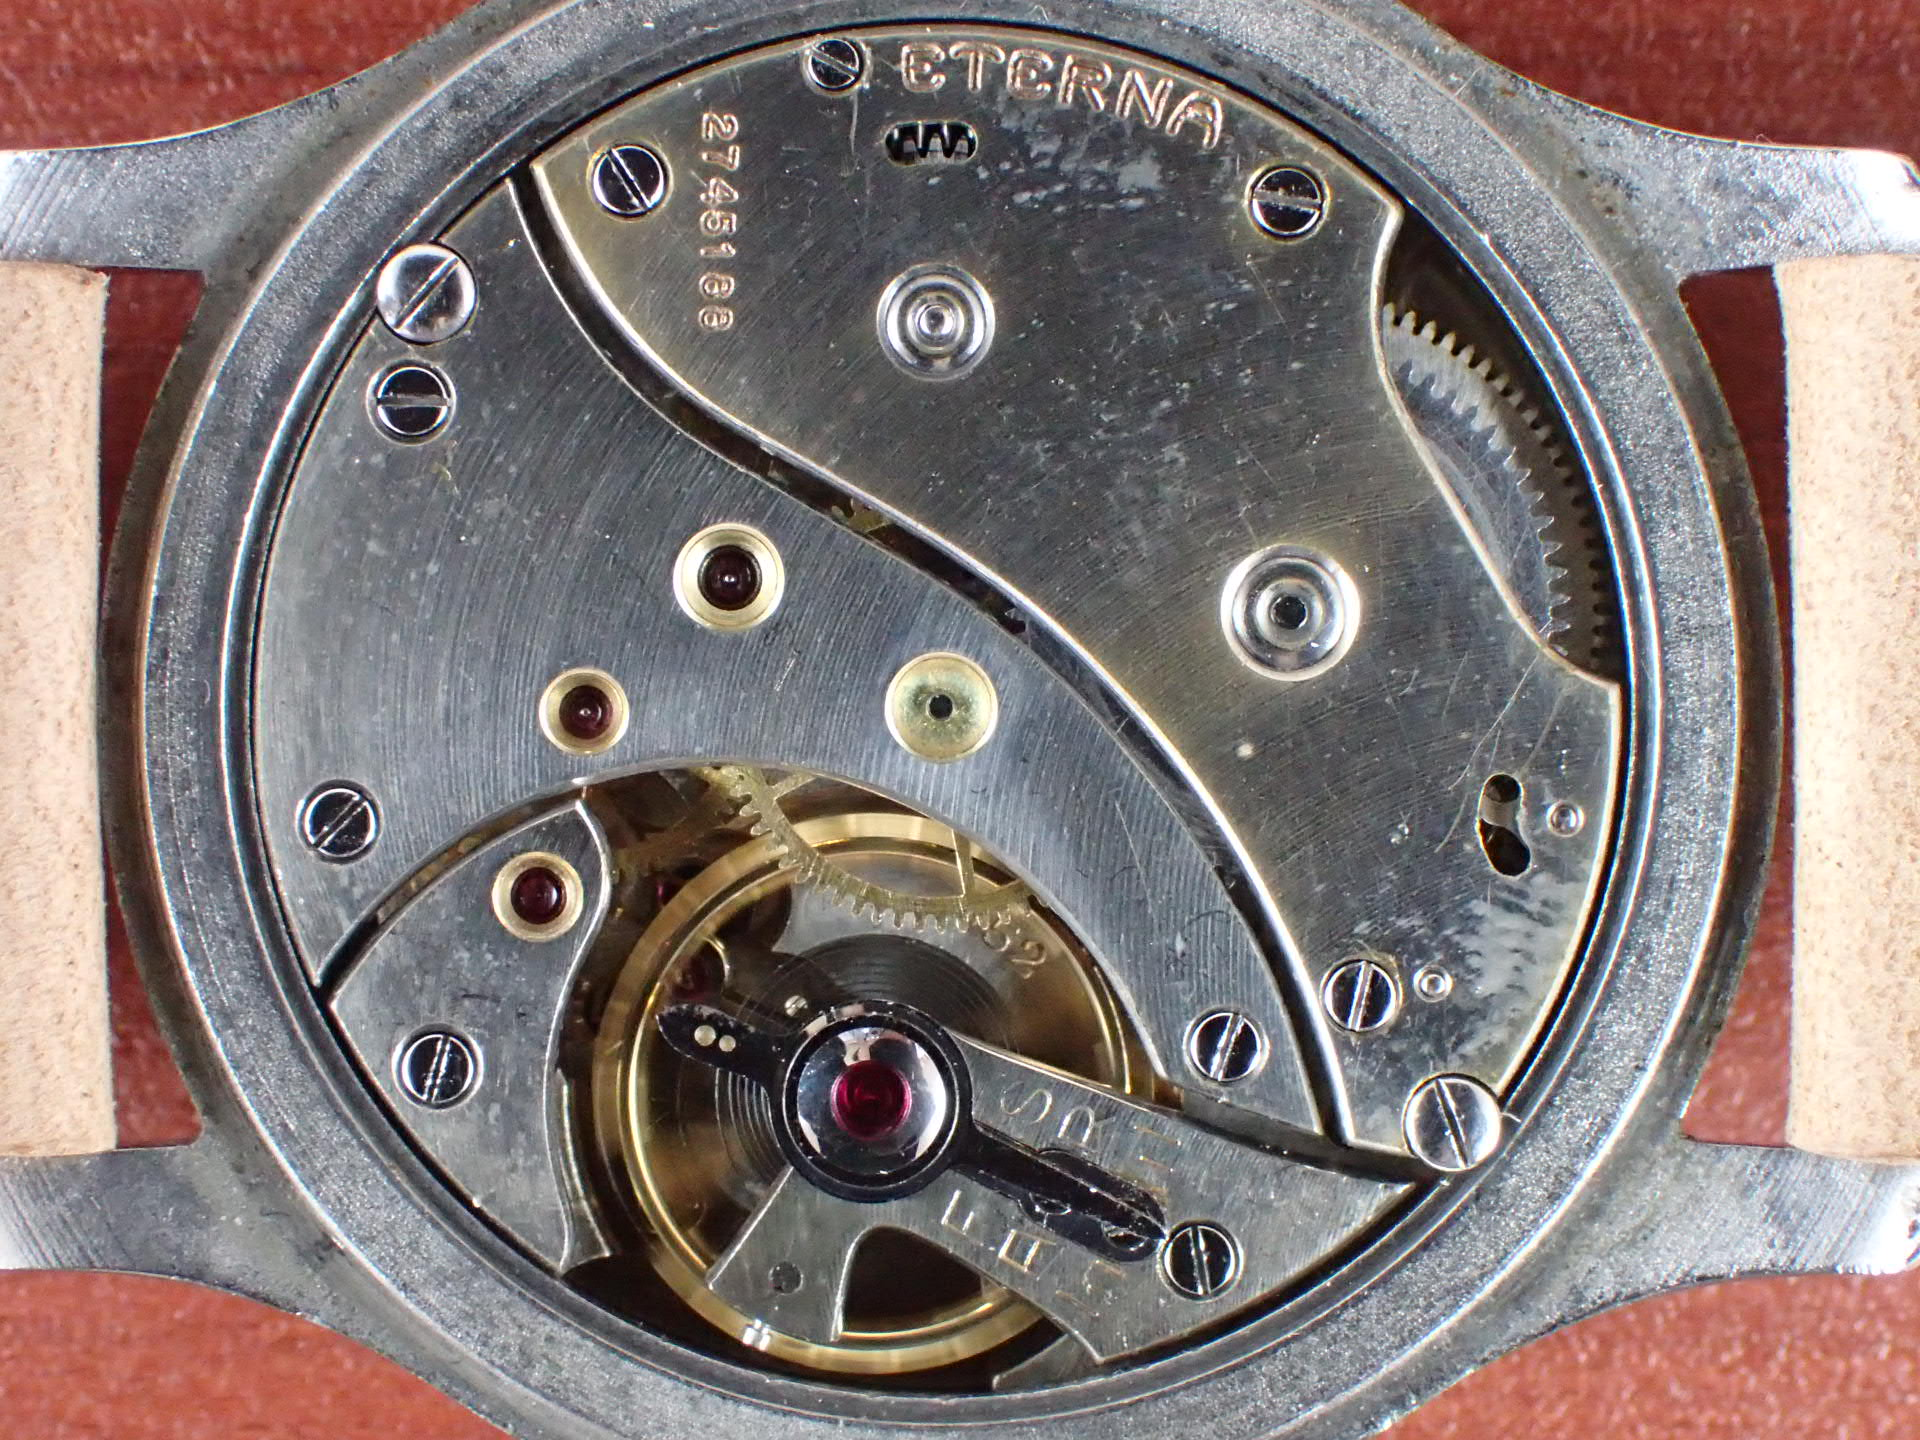 エテルナ ラージカラトラバケース Cal.852 ブラックミラーダイアル 1940年代の写真5枚目